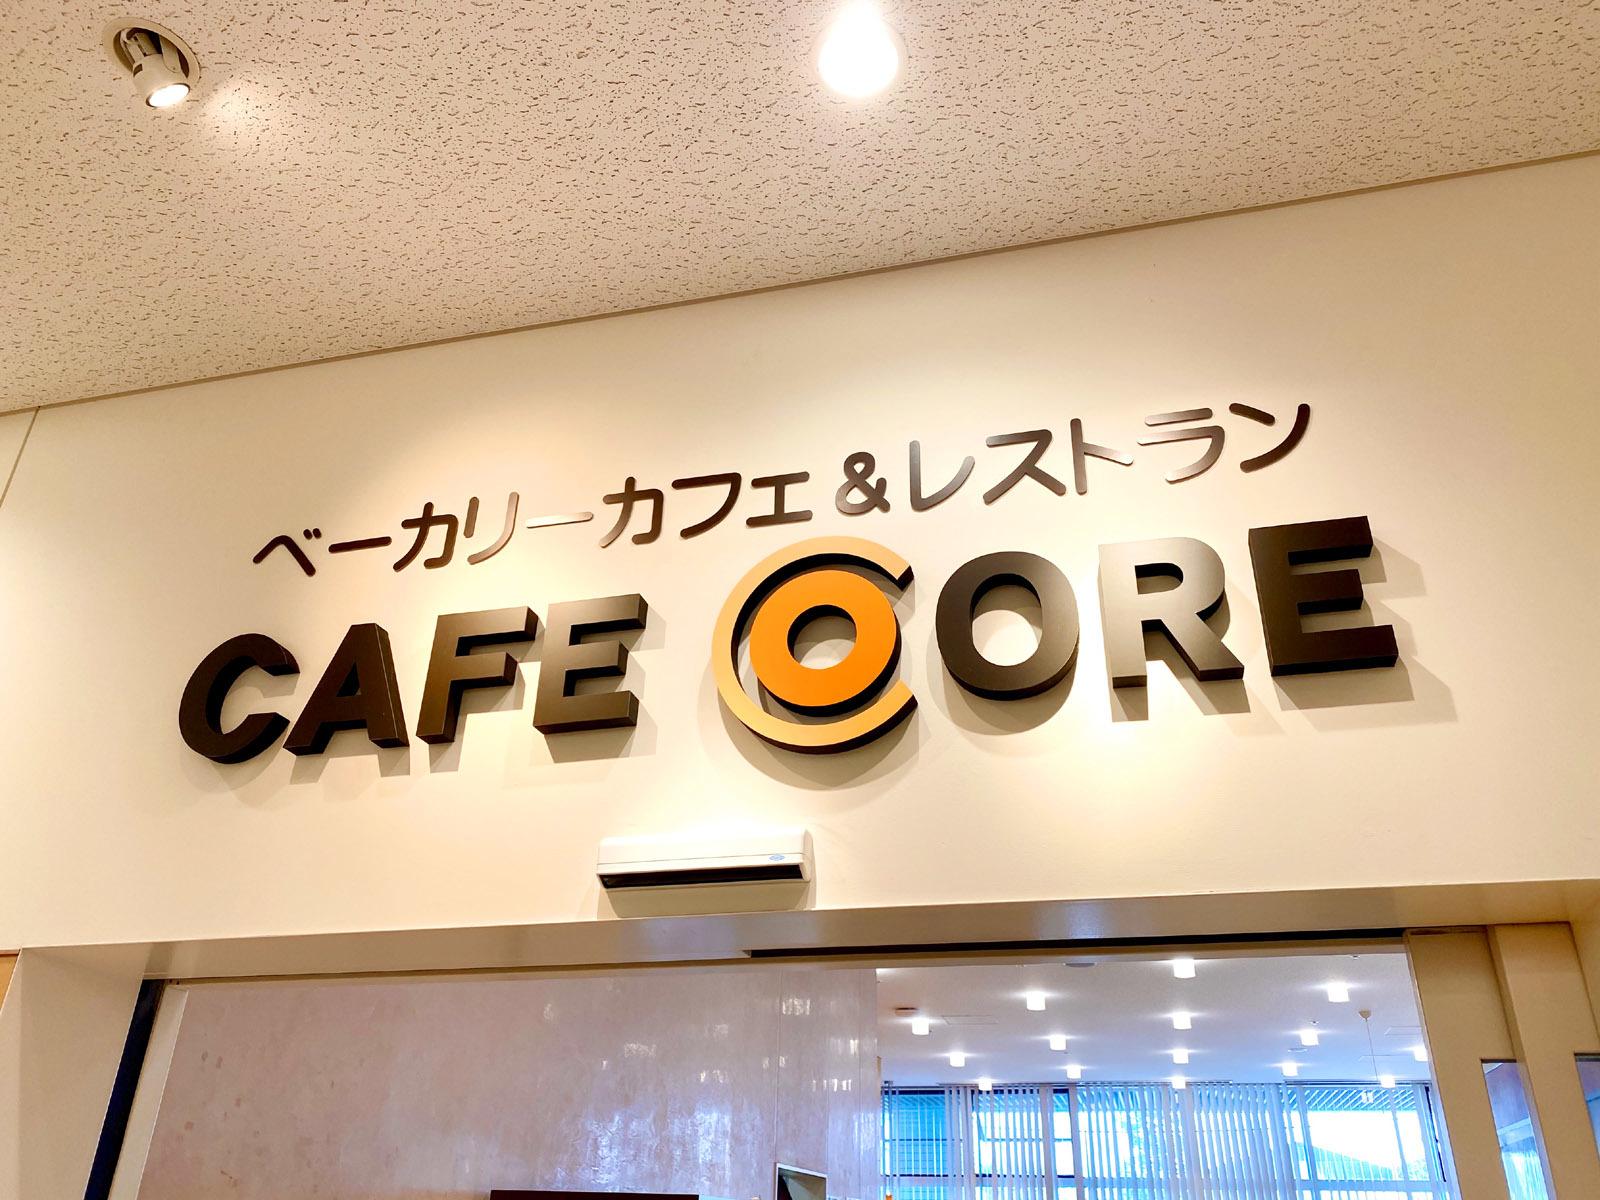 ベーカリーカフェ&レストラン カフェコア.